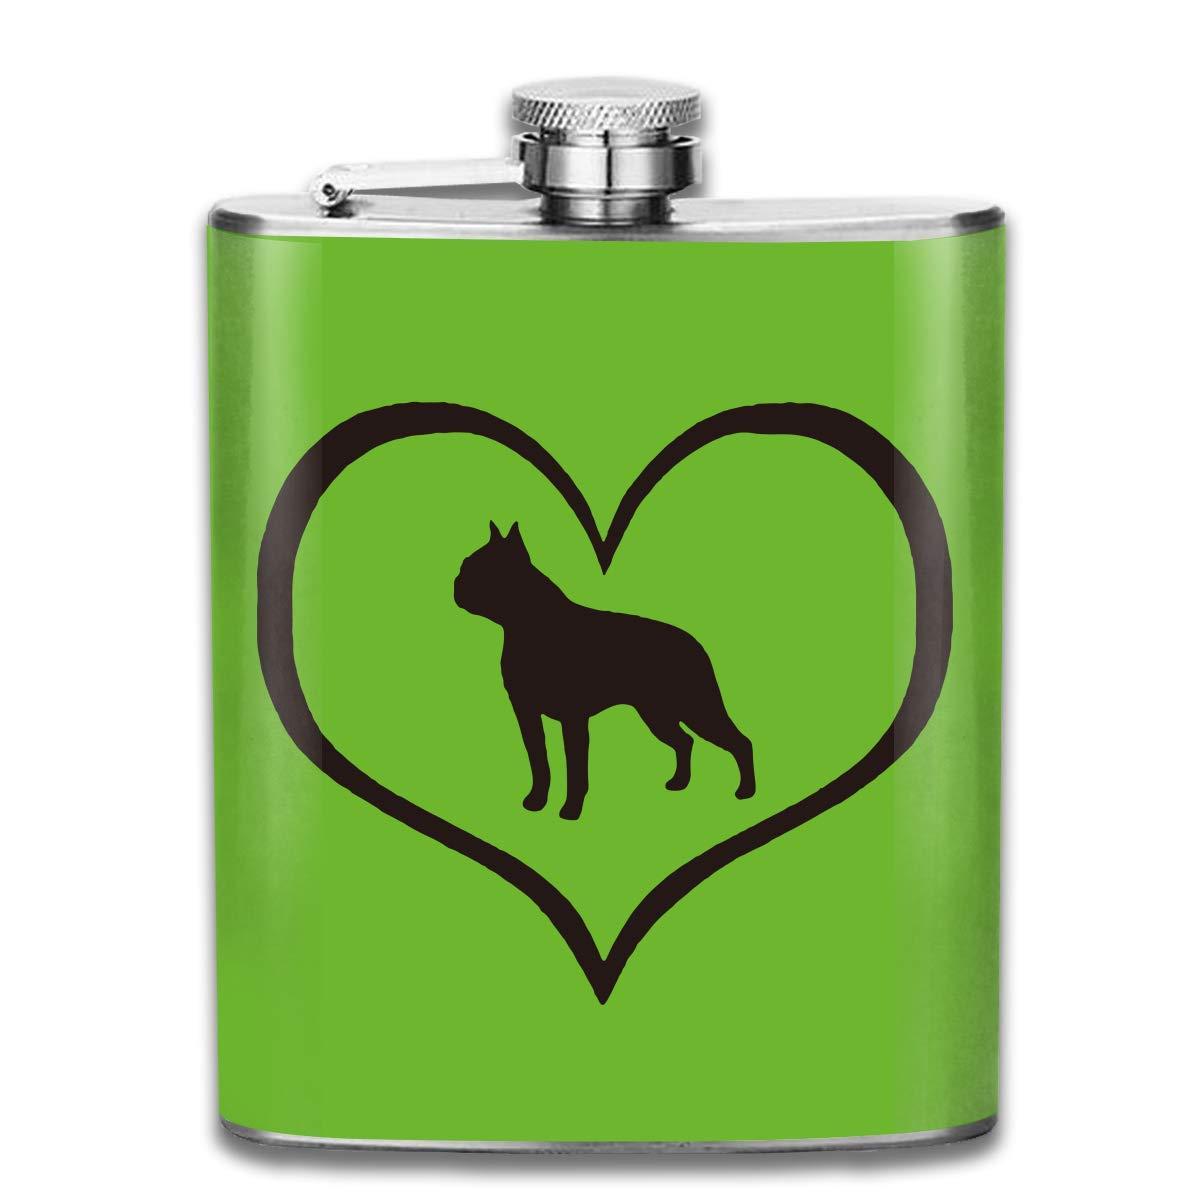 deyhfef Men and Women Thick Stainless Steel Hip Flask 7 OZ Love Boston Terrier Dog Heart Pocket Bottle for Drinking Liquor Rum